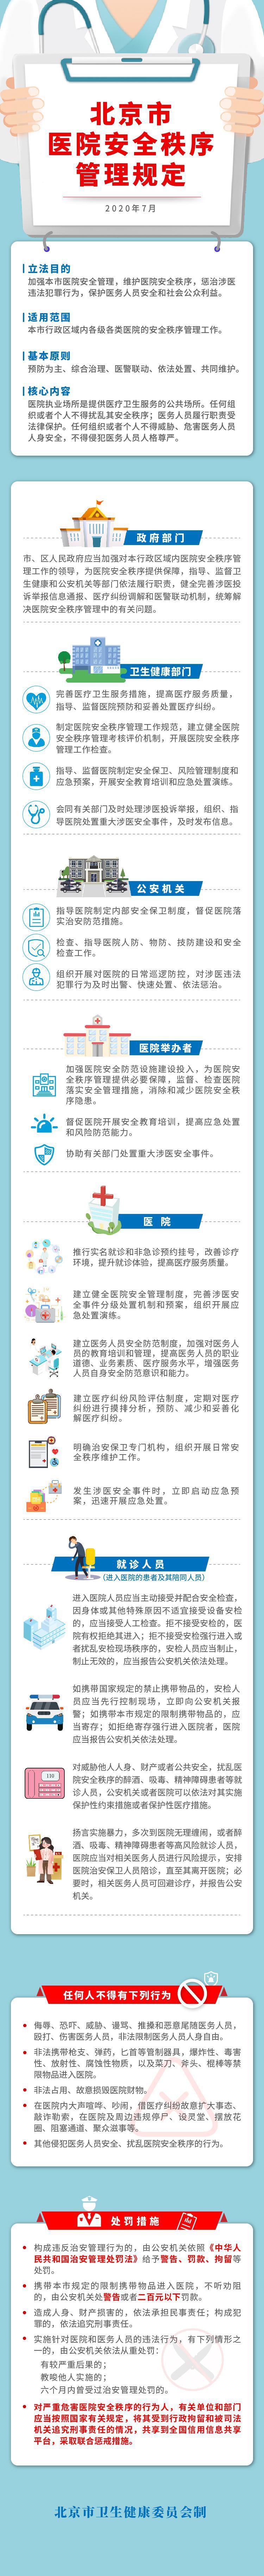 摩天注册实施警力增派北摩天注册京各医图片